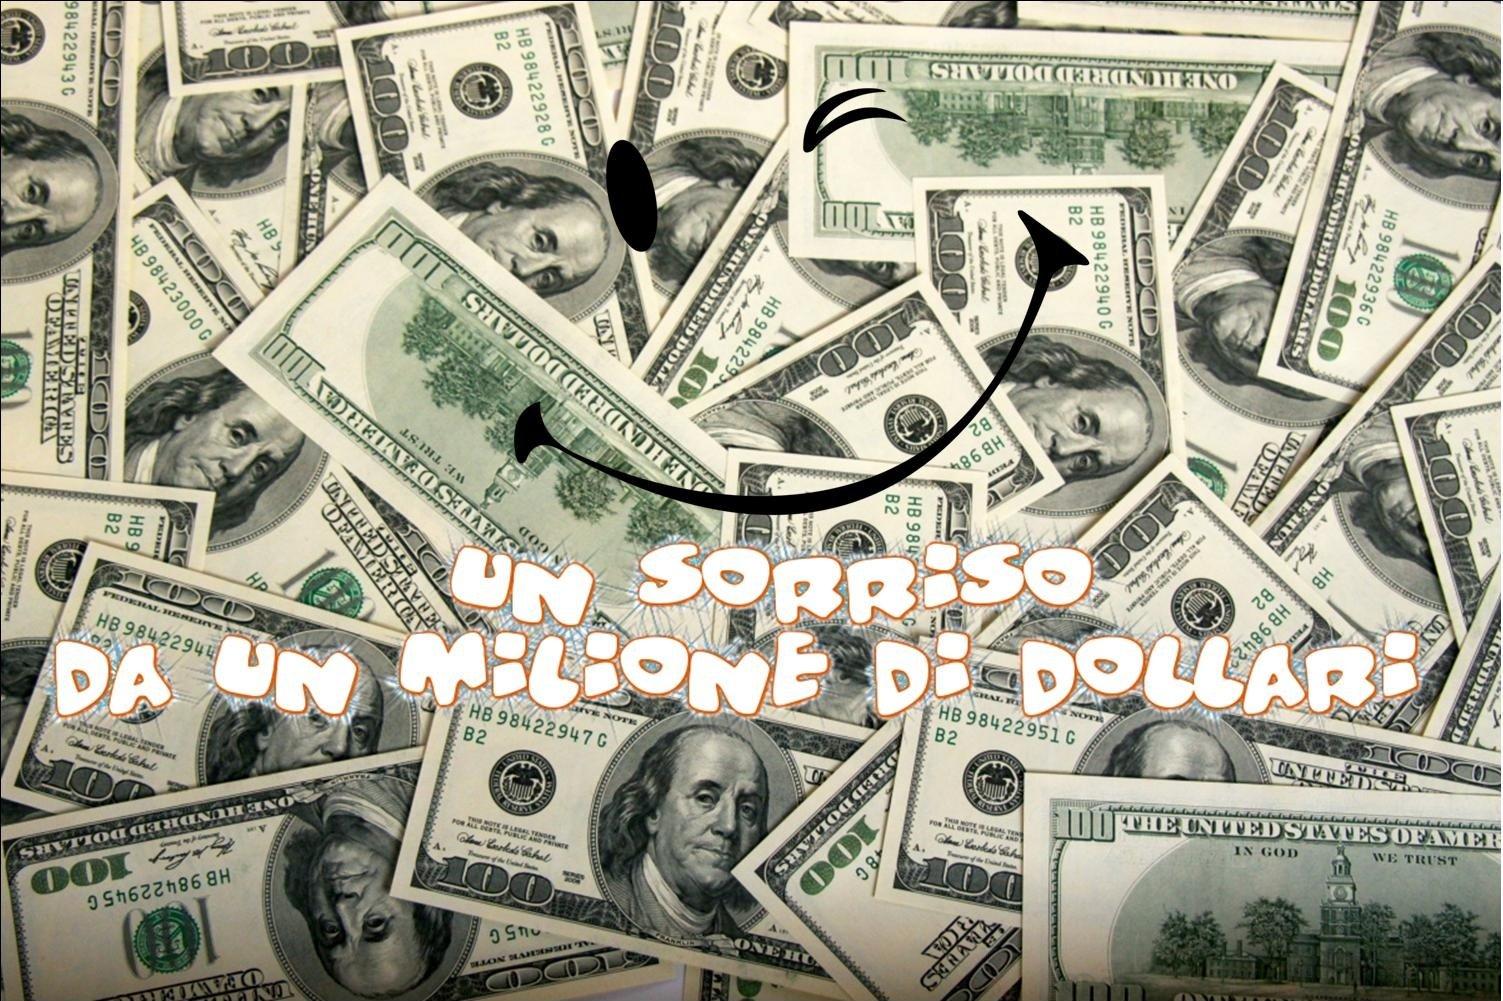 00- Un sorriso da un milione di dollari